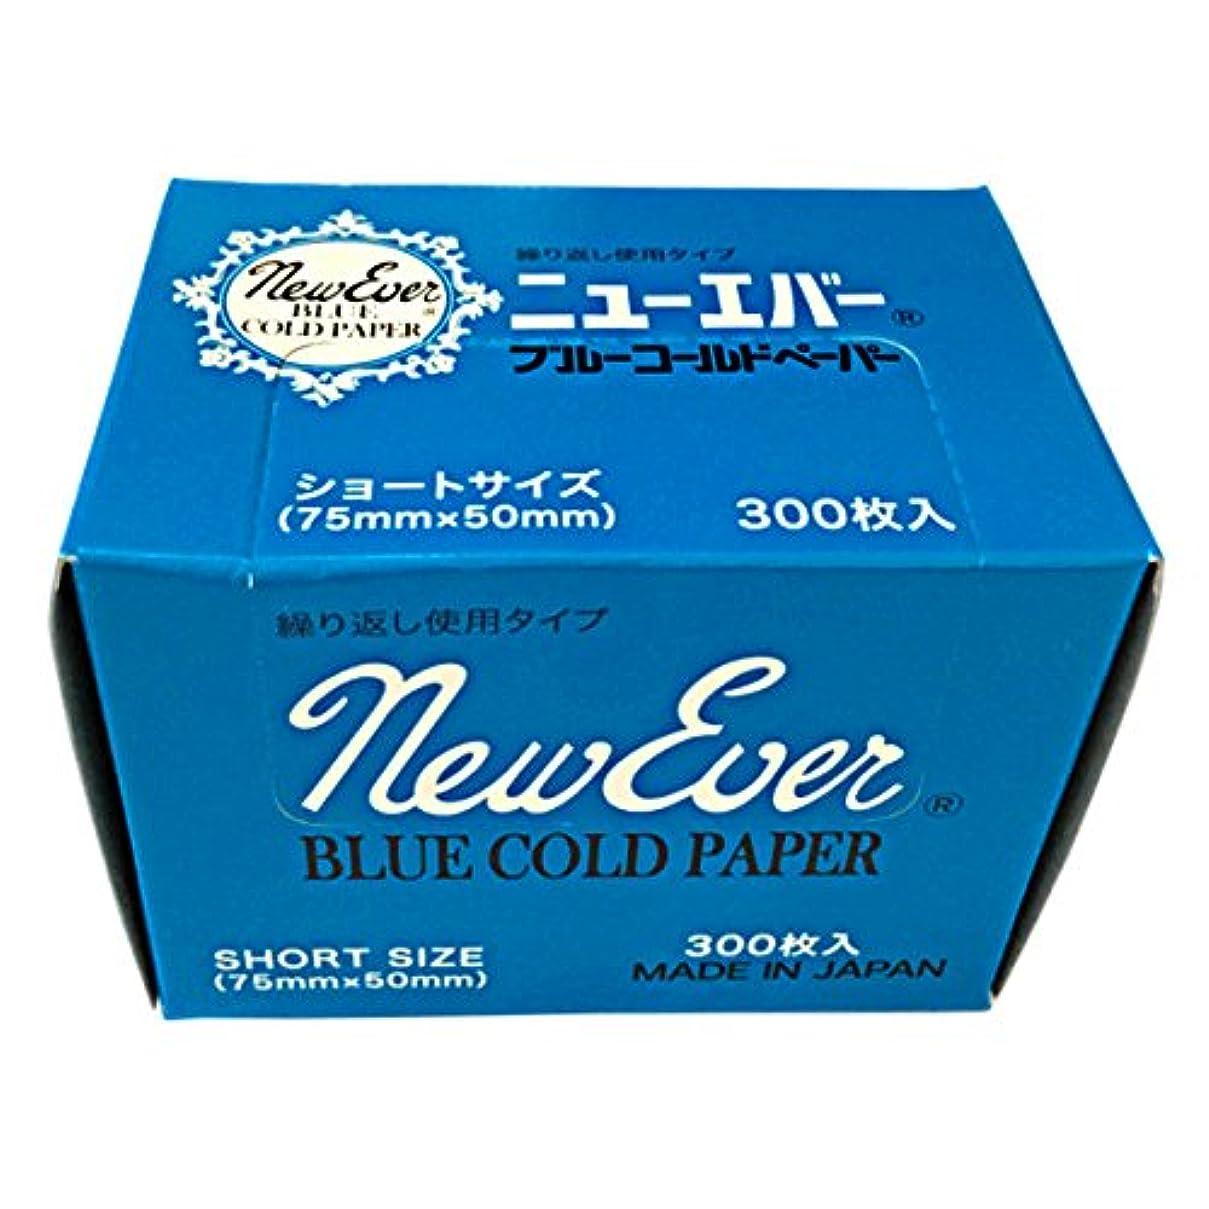 コンチネンタル形容詞優れたニューエバー ショートP 300枚 ブルー